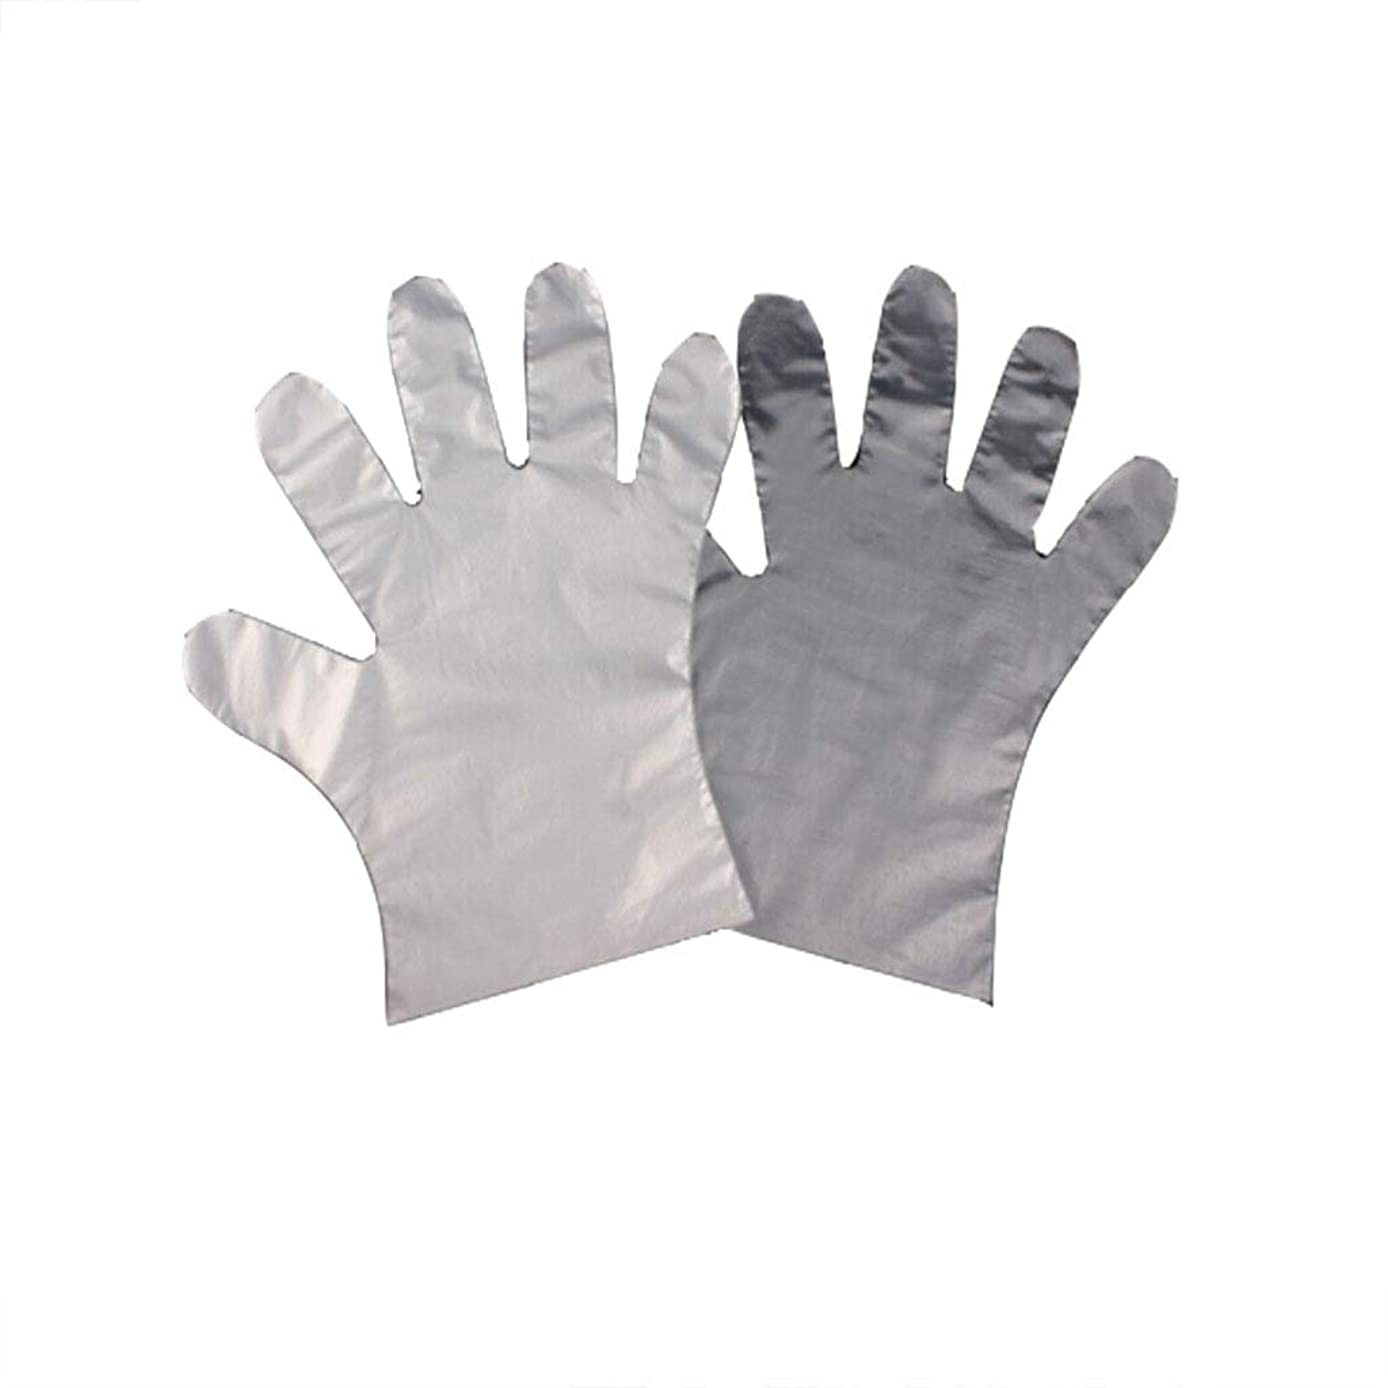 クラスけん引ゴシップ手袋、使い捨てPE手袋、食品の肥厚、透明な2つのオープンポケット-600のみ。